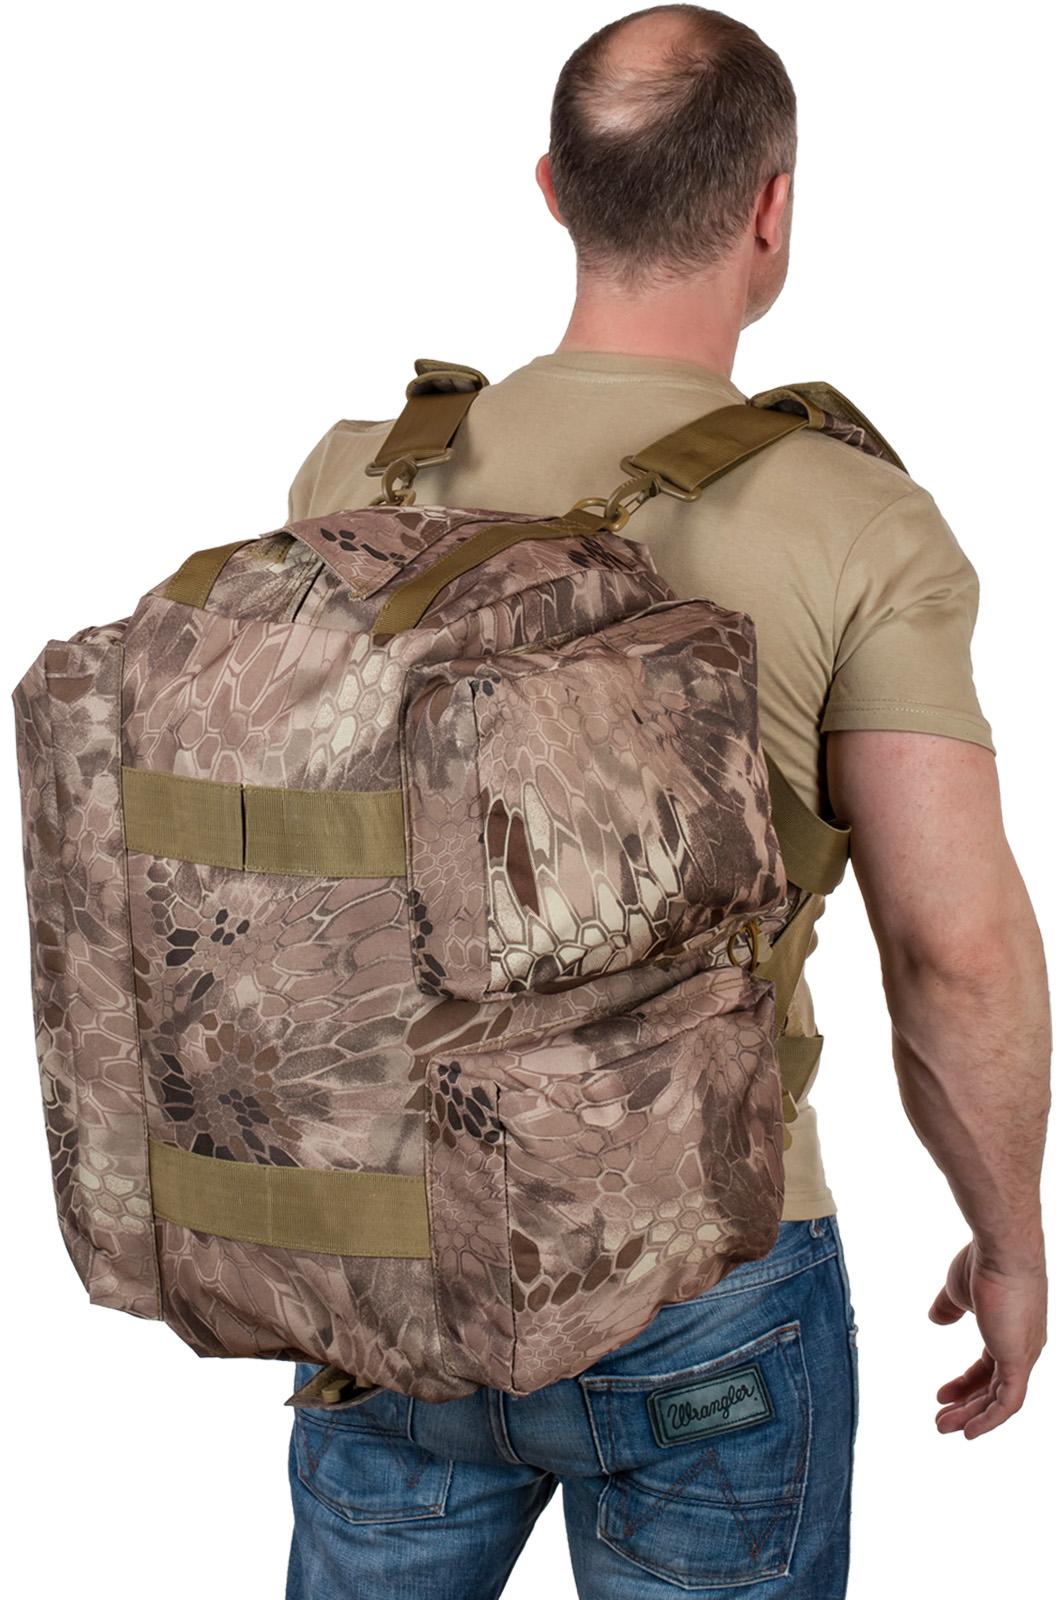 Купить в военторге снаряжение ГРУ: сумки и рюкзаки в камуфляжном дизайне